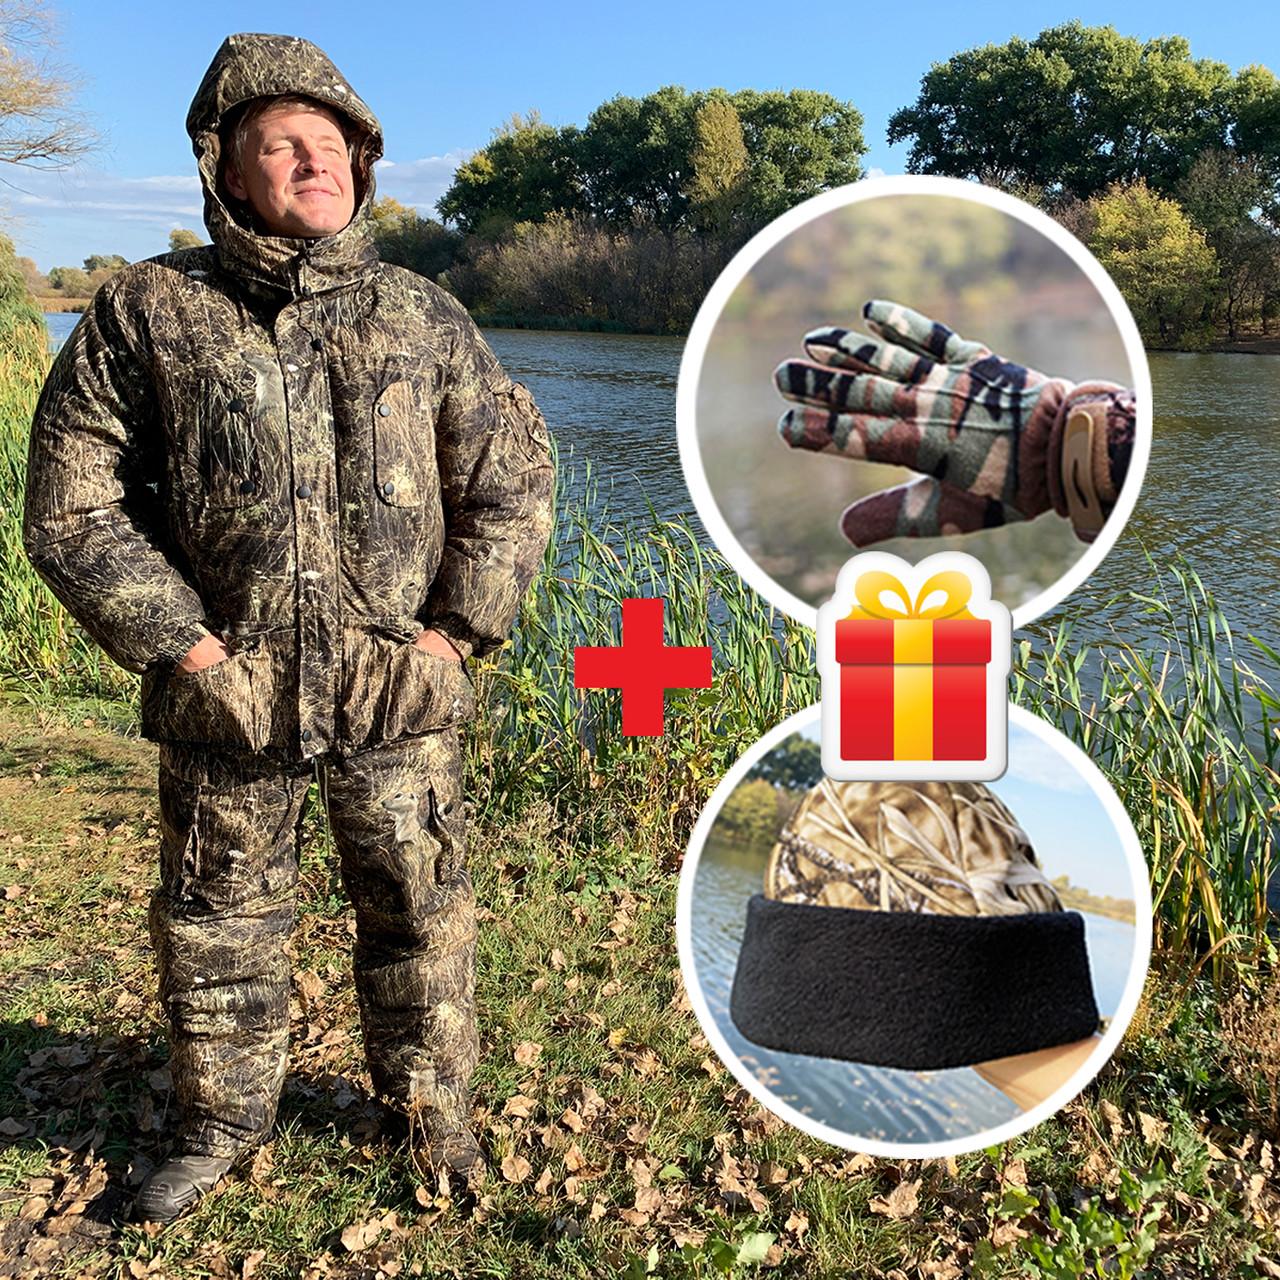 """Зимний костюм до -40° """"Mavens Зубр"""" Камыш дикий, для рыбалки, охоты, работы в холоде, размер 60-62 (031-0022)"""